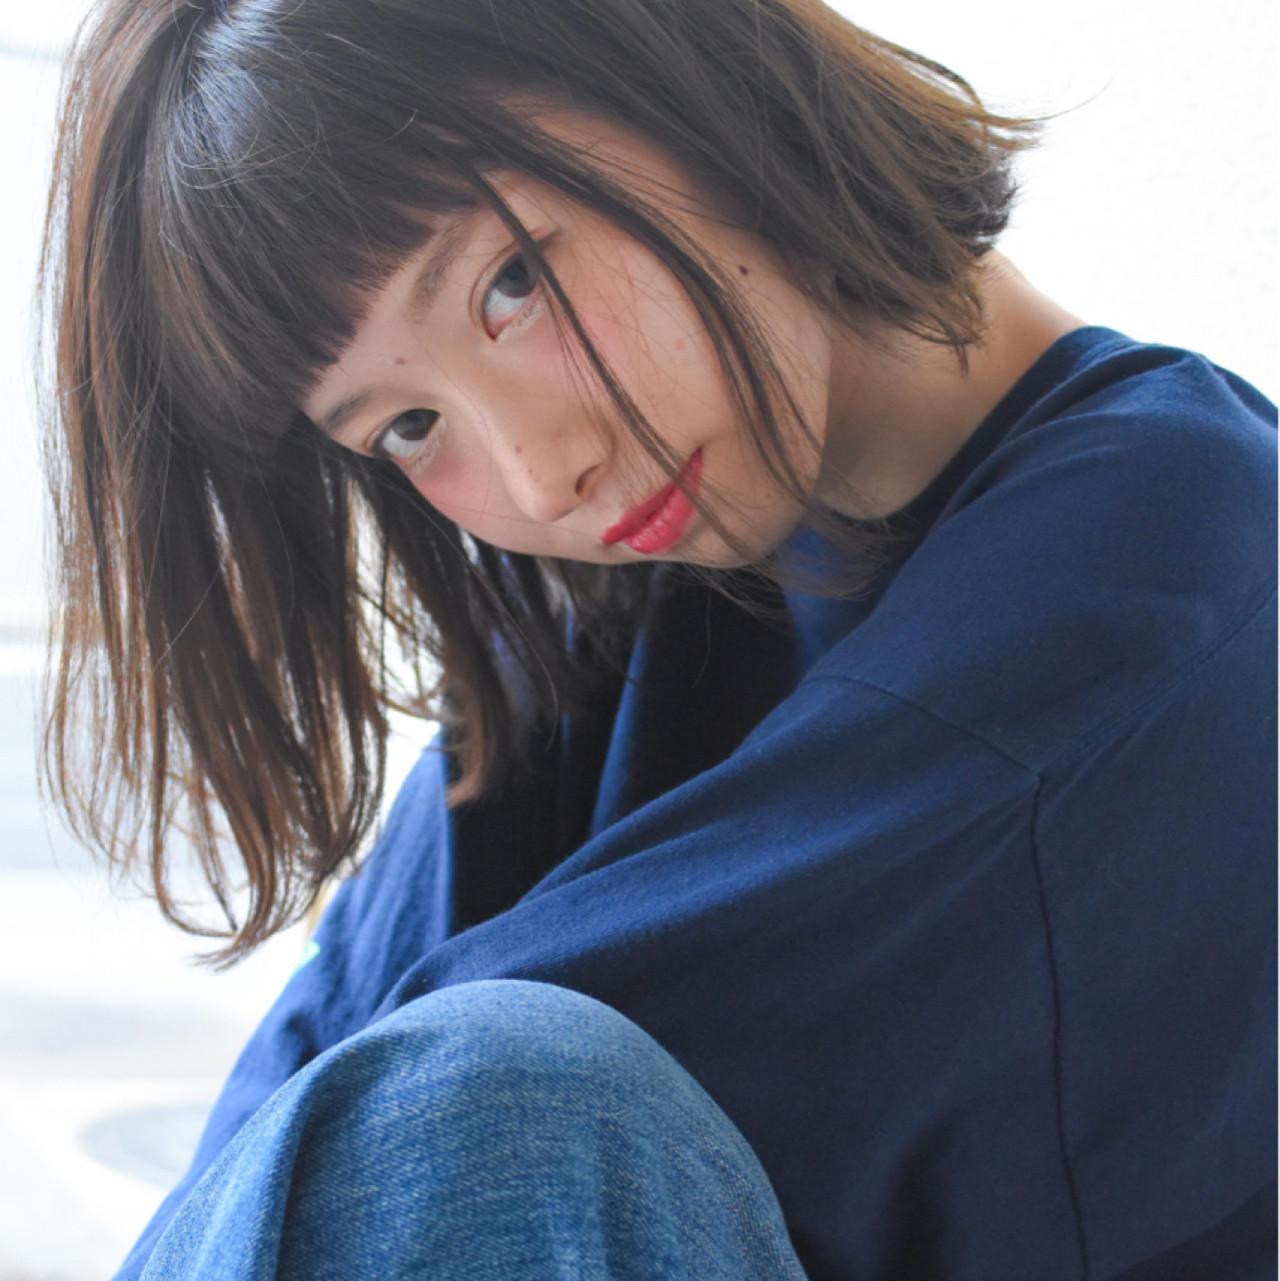 前髪あり フリンジバング ナチュラル ハイライト ヘアスタイルや髪型の写真・画像 | 山崎直輝 / LIPPS銀座